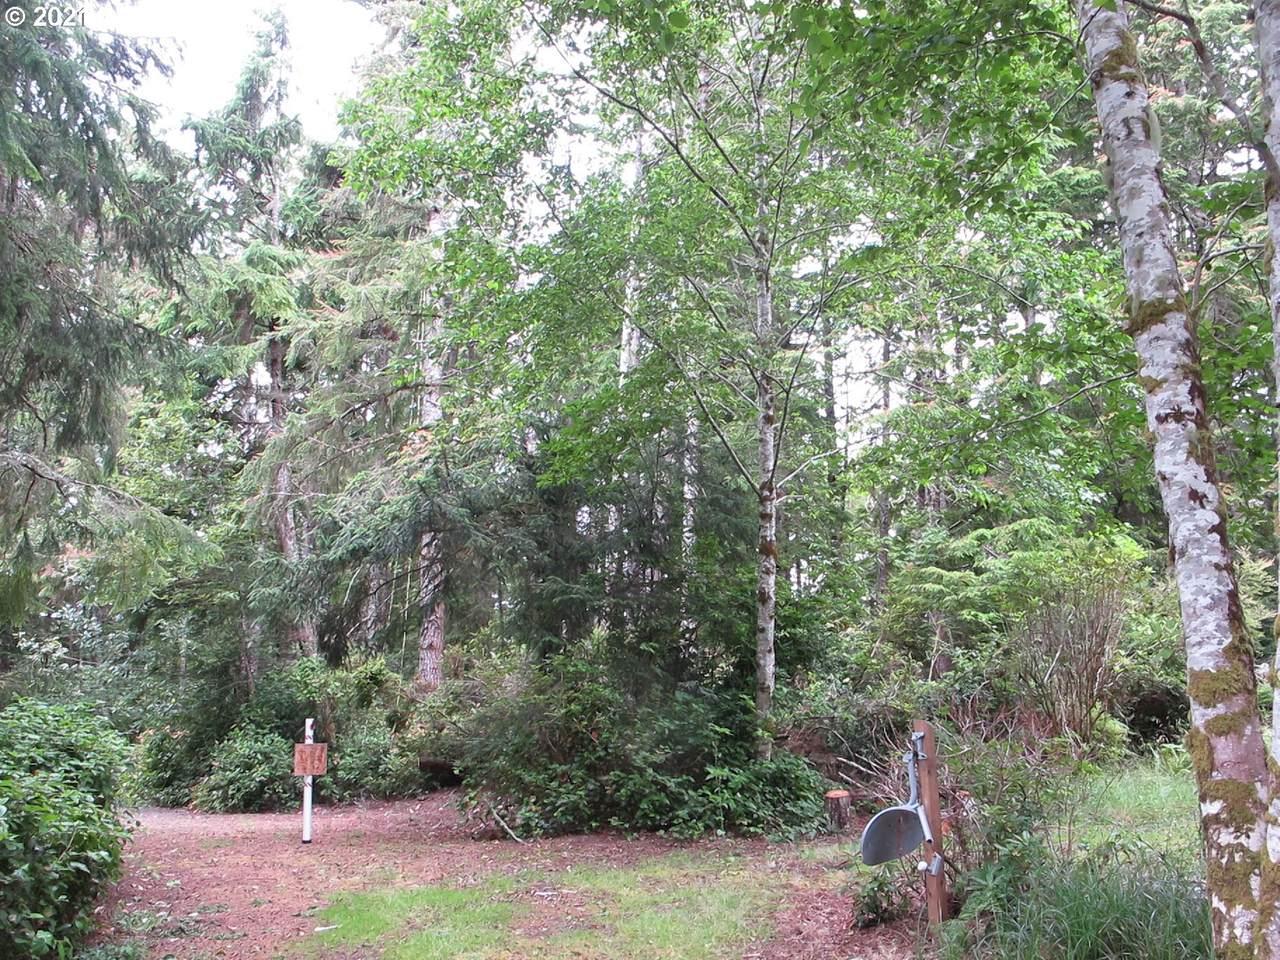 216 Birch St - Photo 1